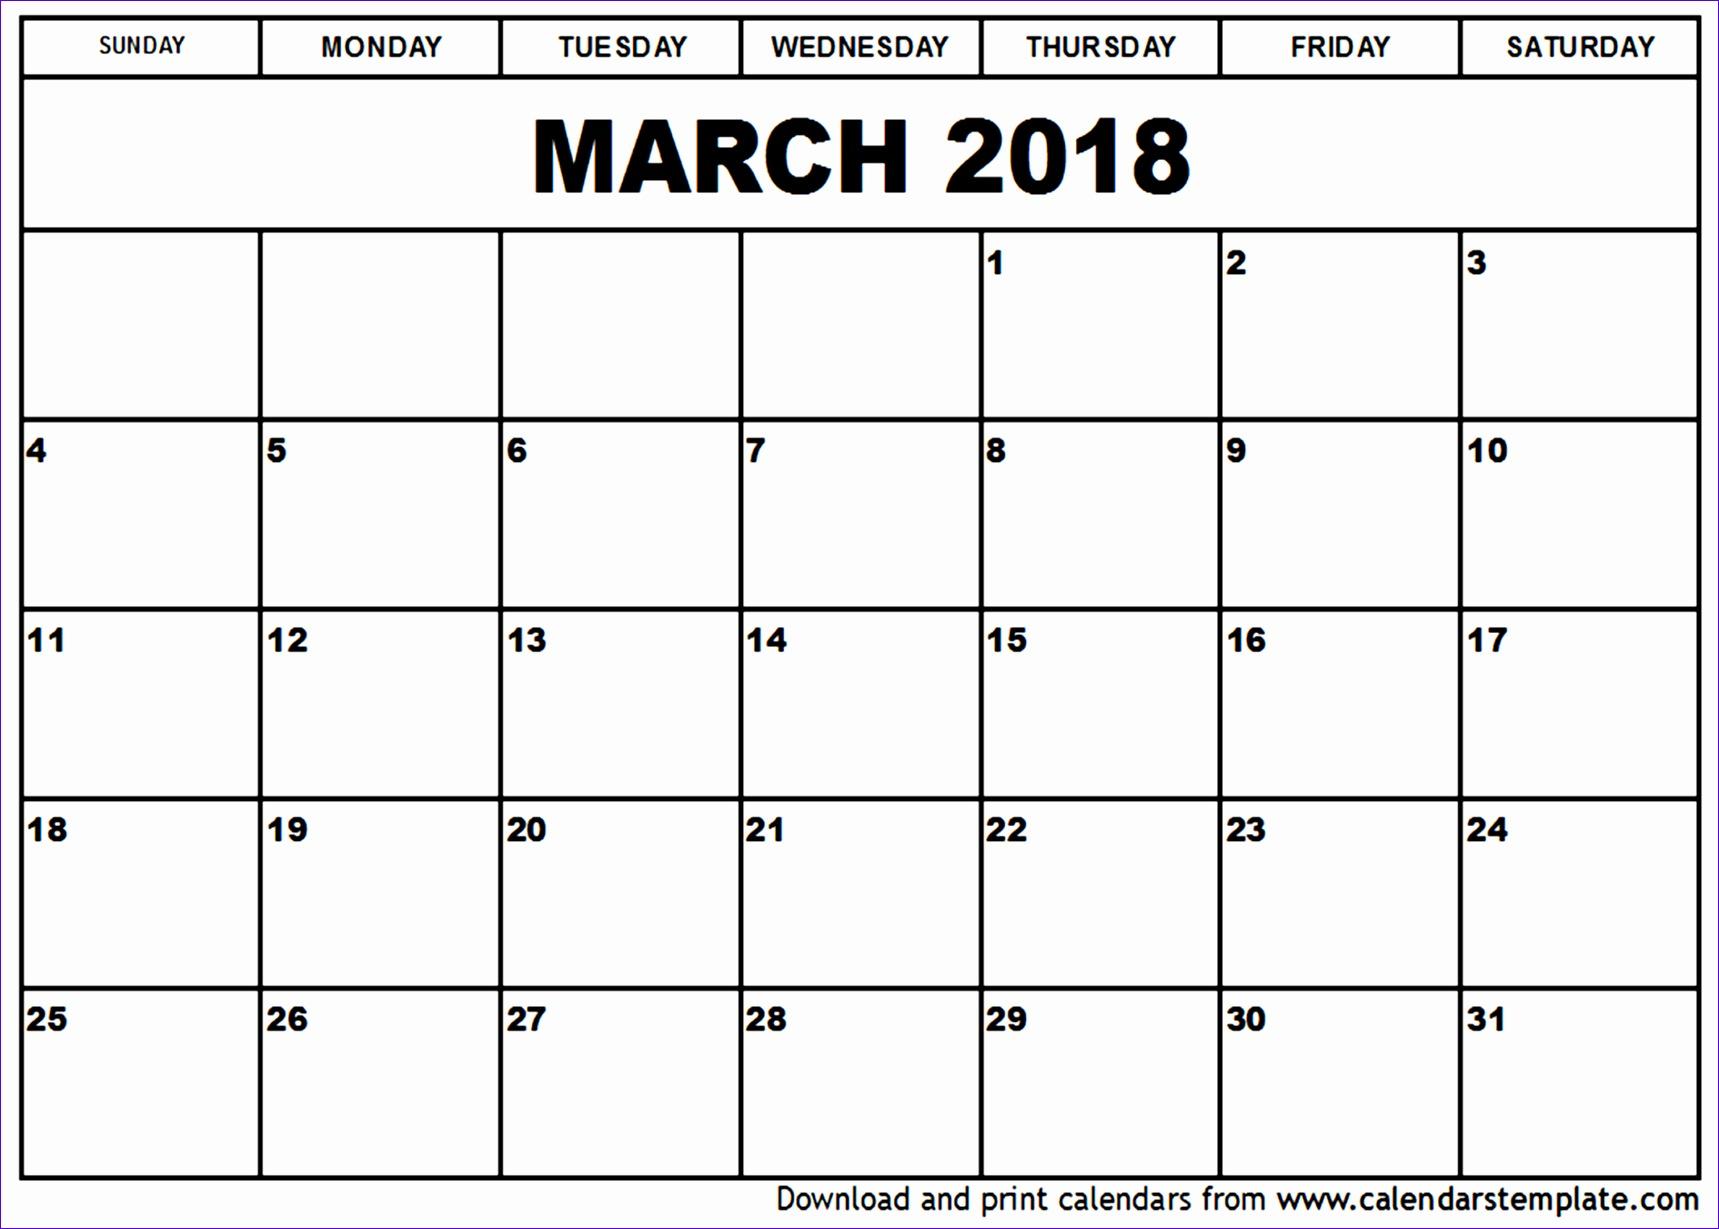 march 2018 calendar template 1543 17191229